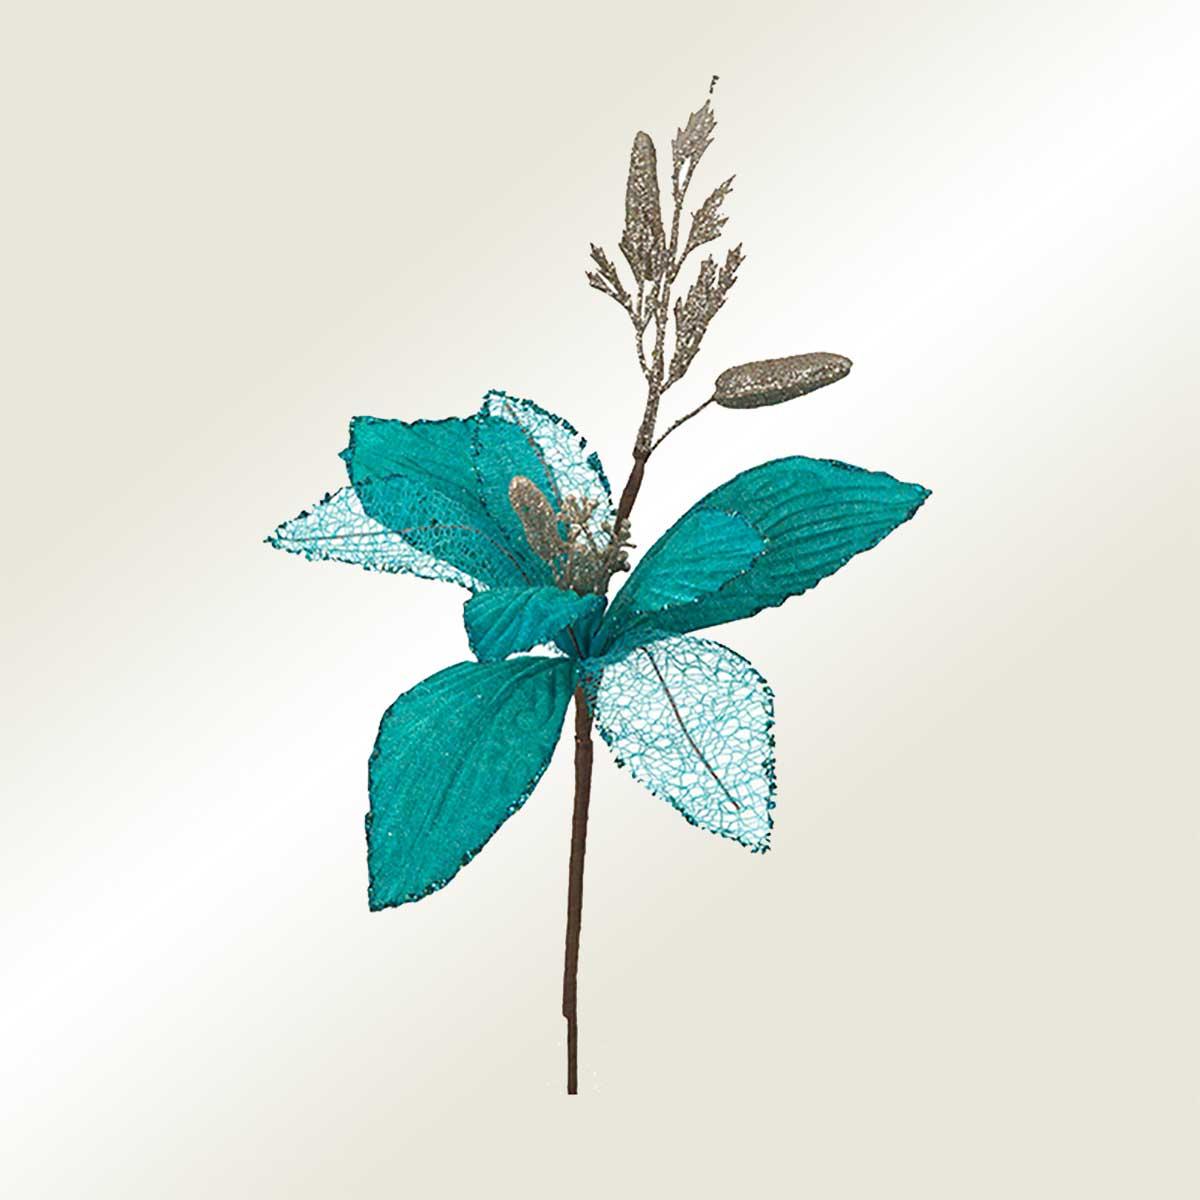 Λουλούδια - Κορδέλες - Υλικά